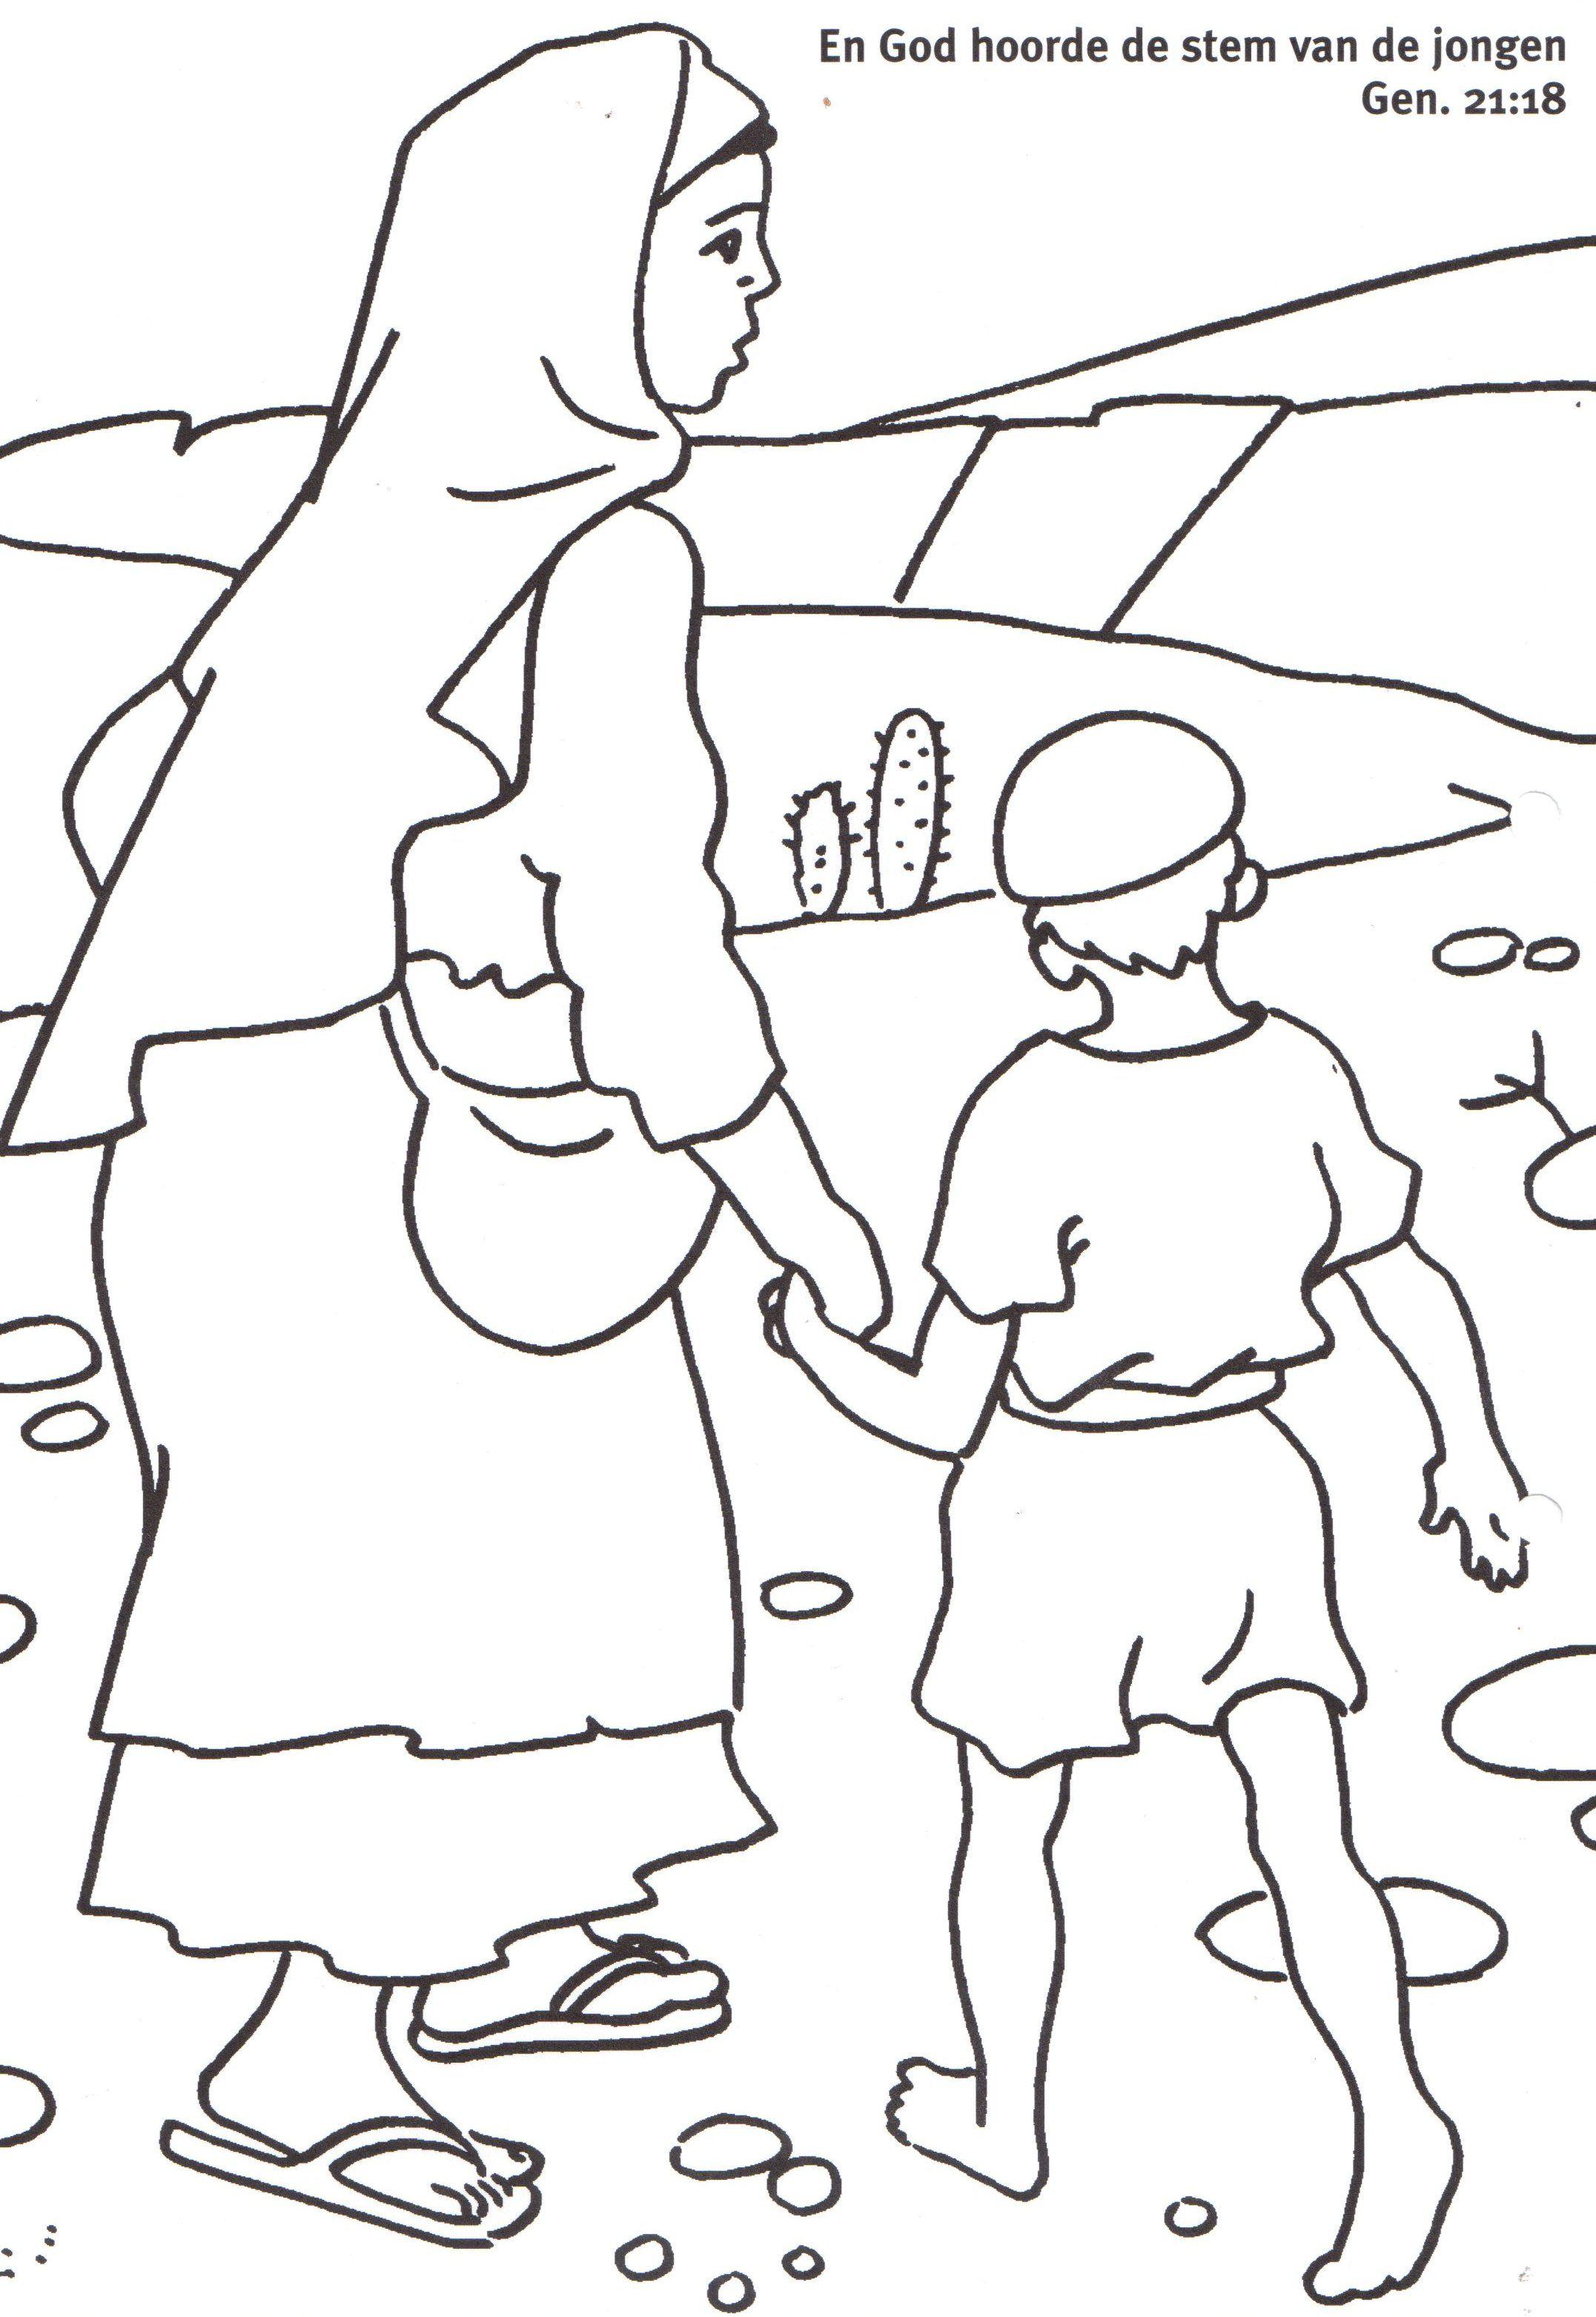 Pin by Heather McCary on Bible OT: Abram/Abraham | Pinterest | Bible ...